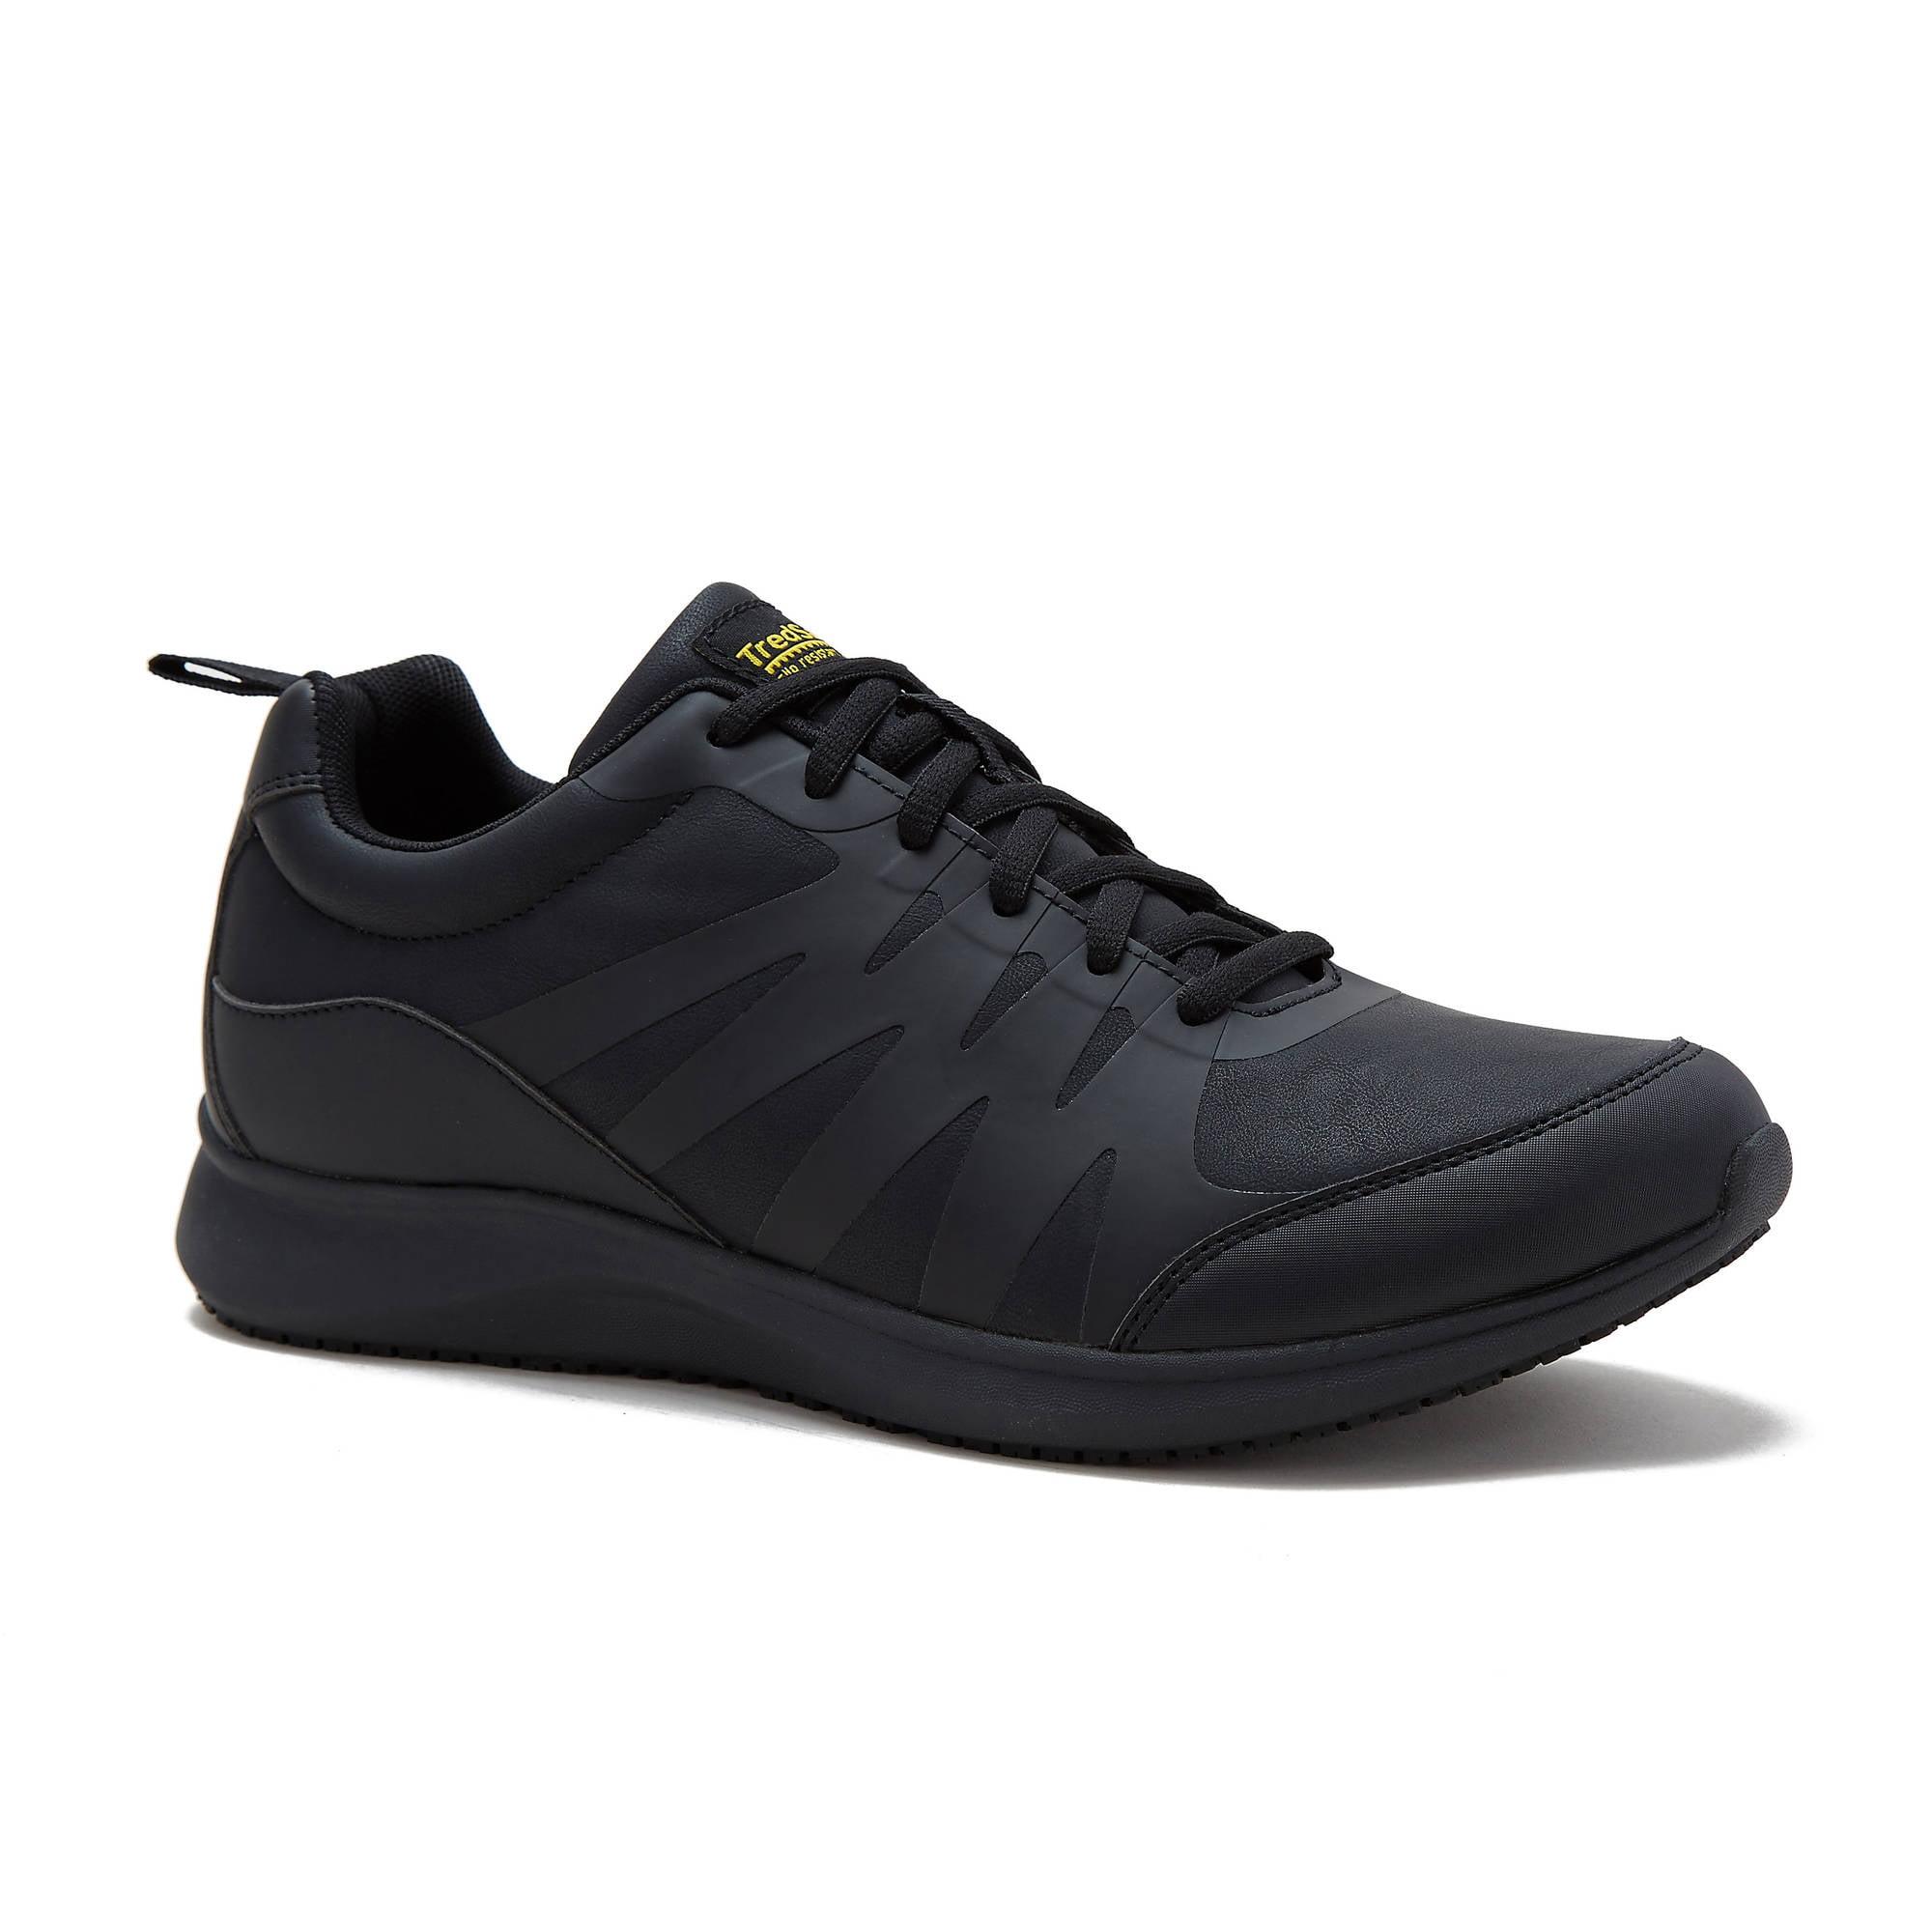 Tredsafe Men's Nitro Slip Resistant Shoe